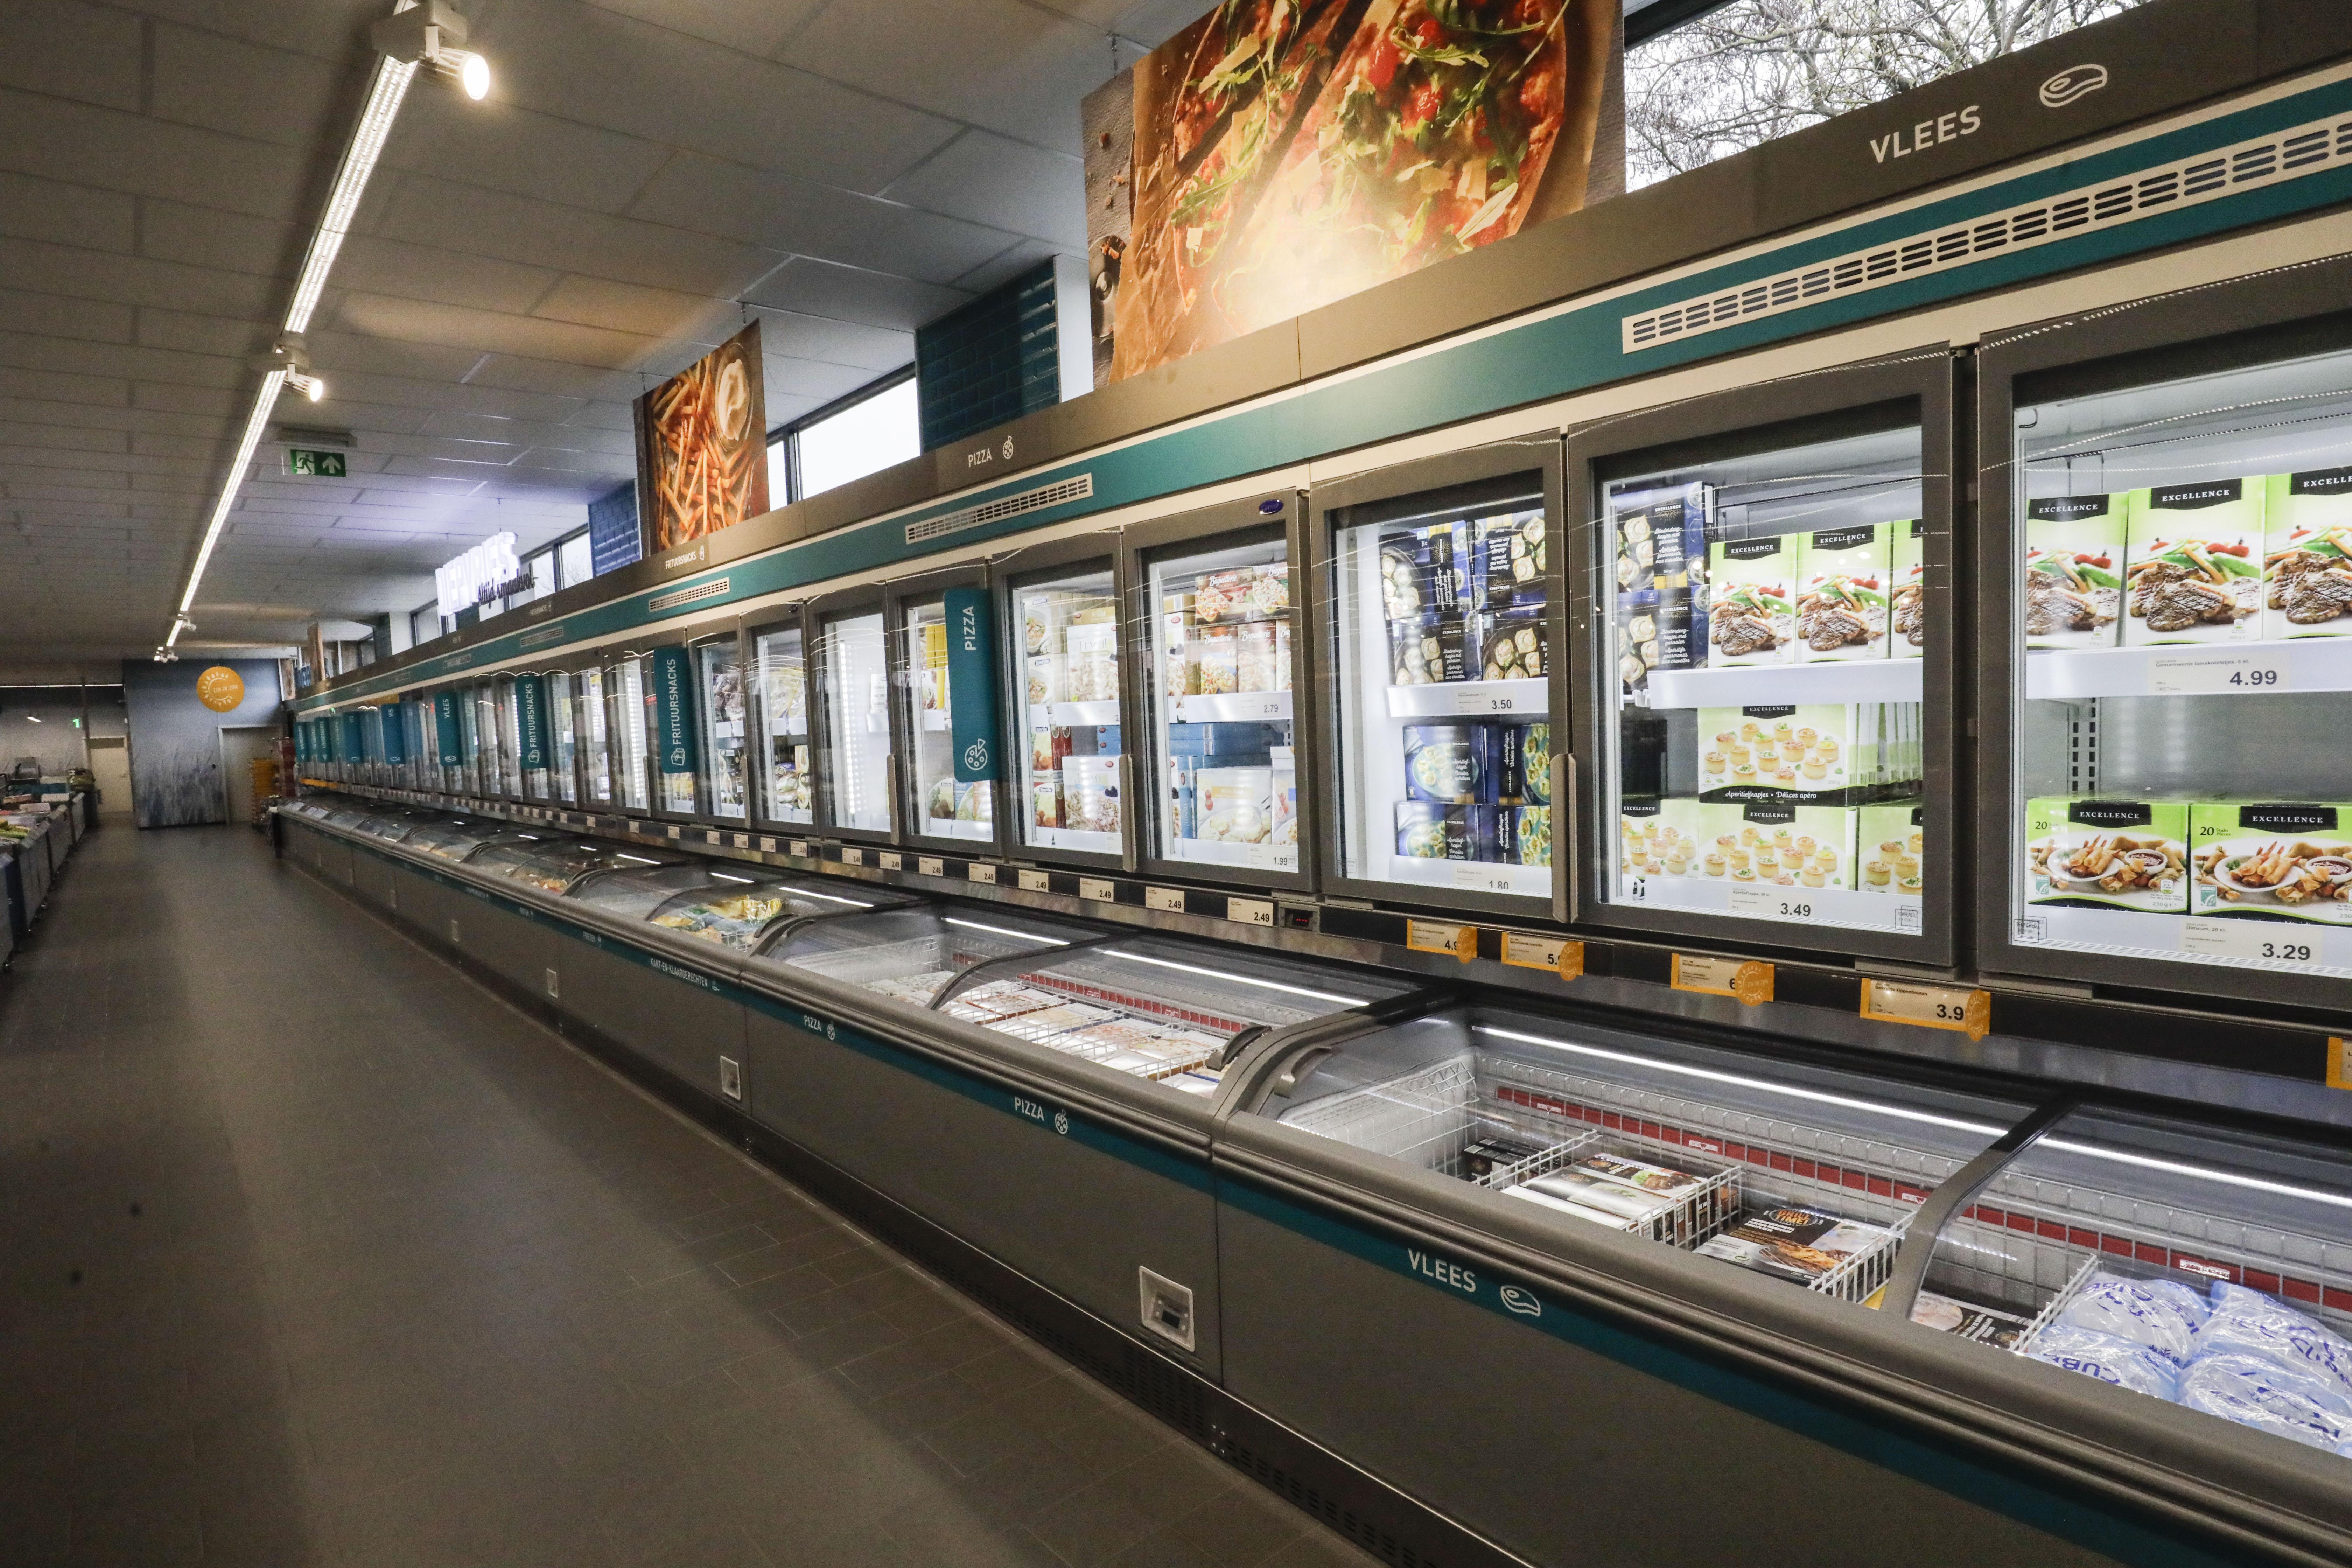 Nébih: Megbecsülni sem lehet, mennyi fagyasztott zöldséget hívtak vissza az ételmérgezés miatt